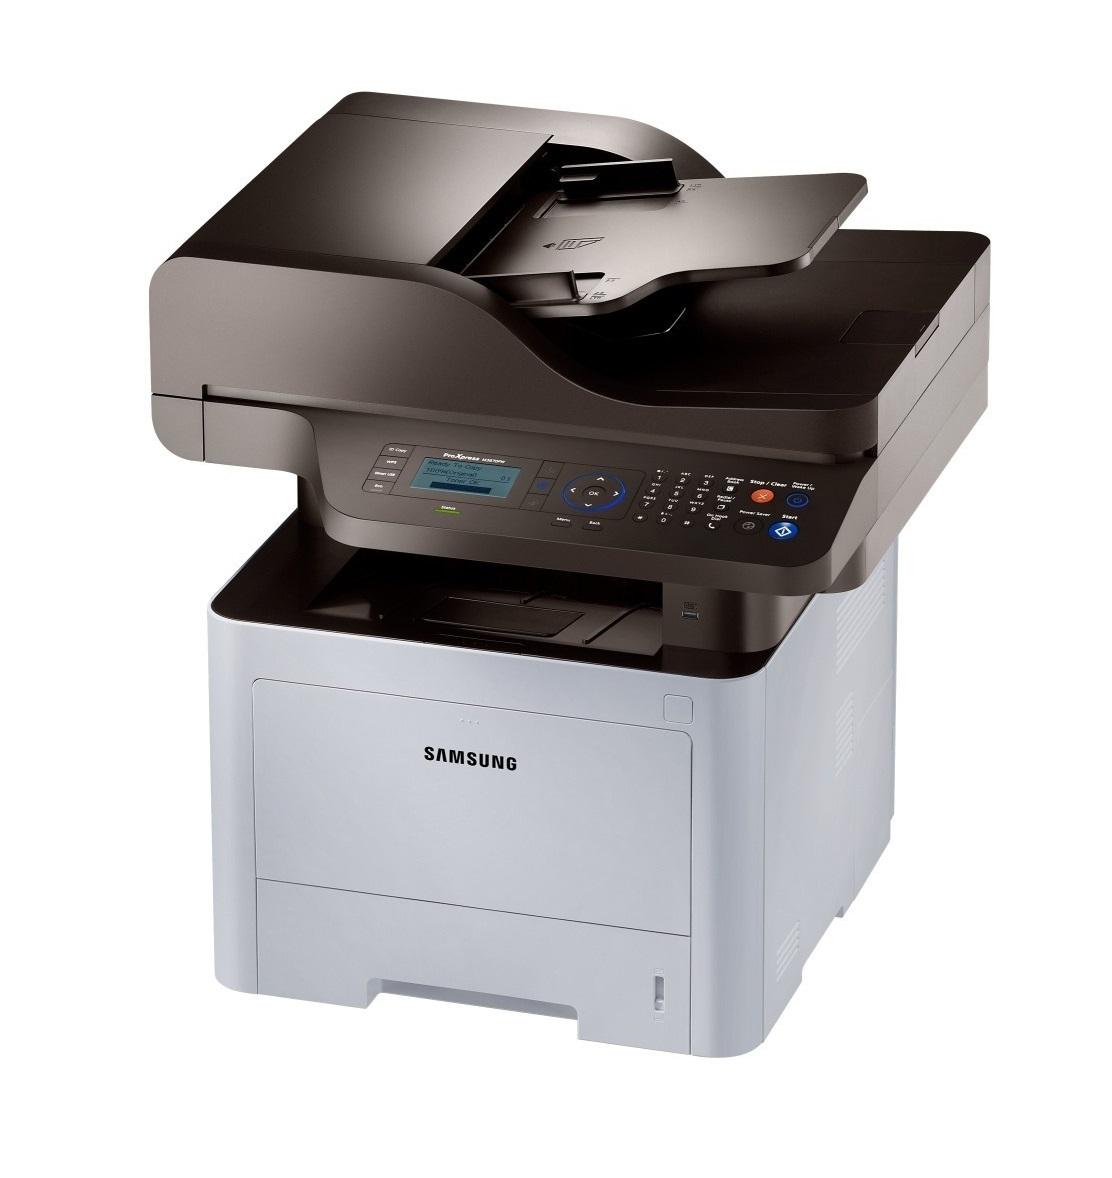 Samsung SL - M4070FR,A4,40ppm,1200x1200dpi,256Mb,PCL+PS,USB,ethernet,duplex,RADF,fax